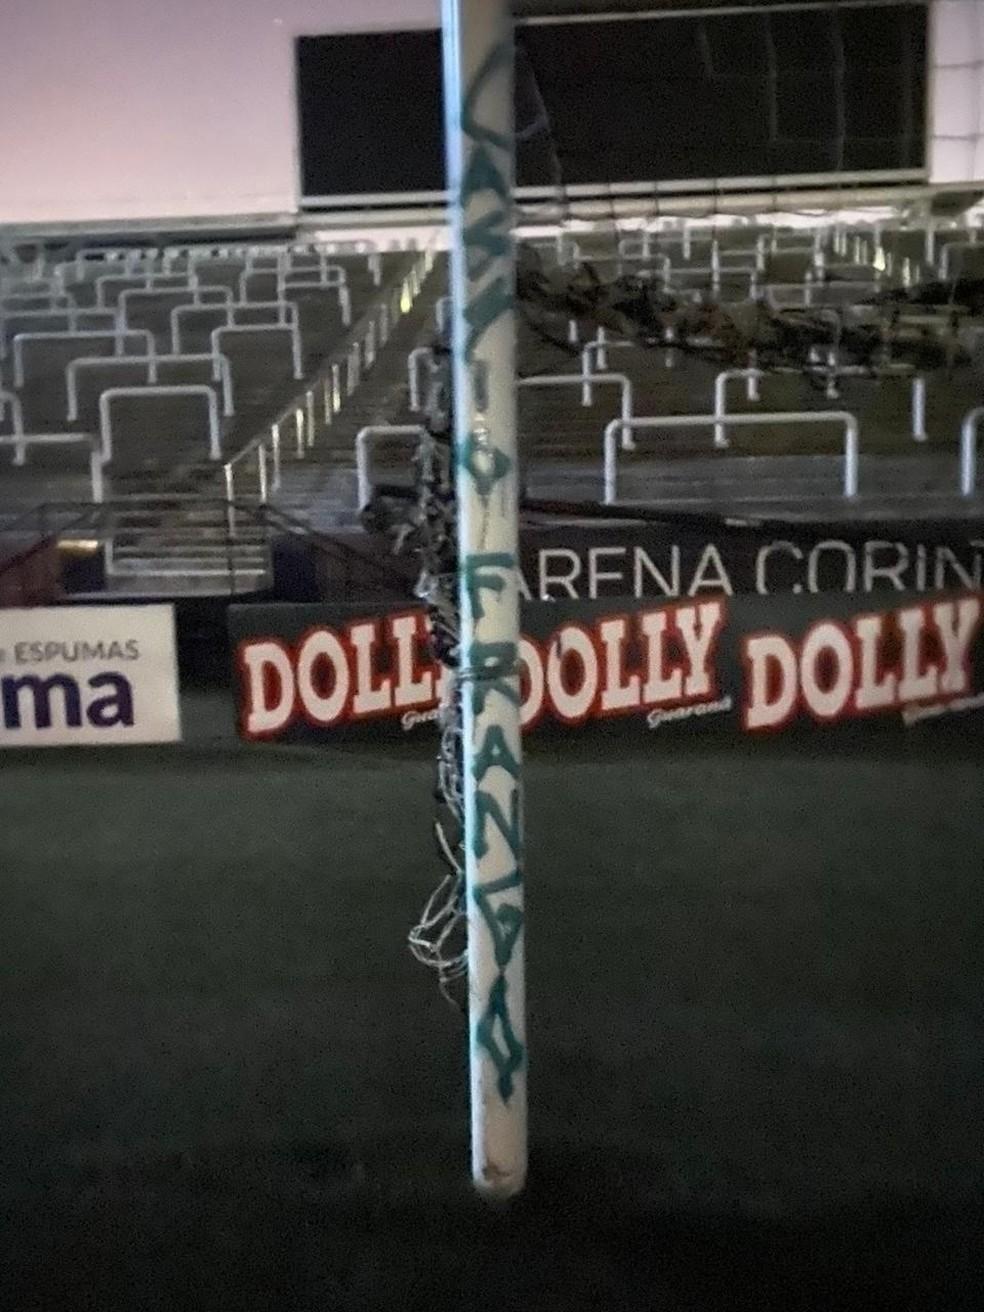 Trave da Arena Corinthians pichada com provocação a Cássio — Foto: Reprodução